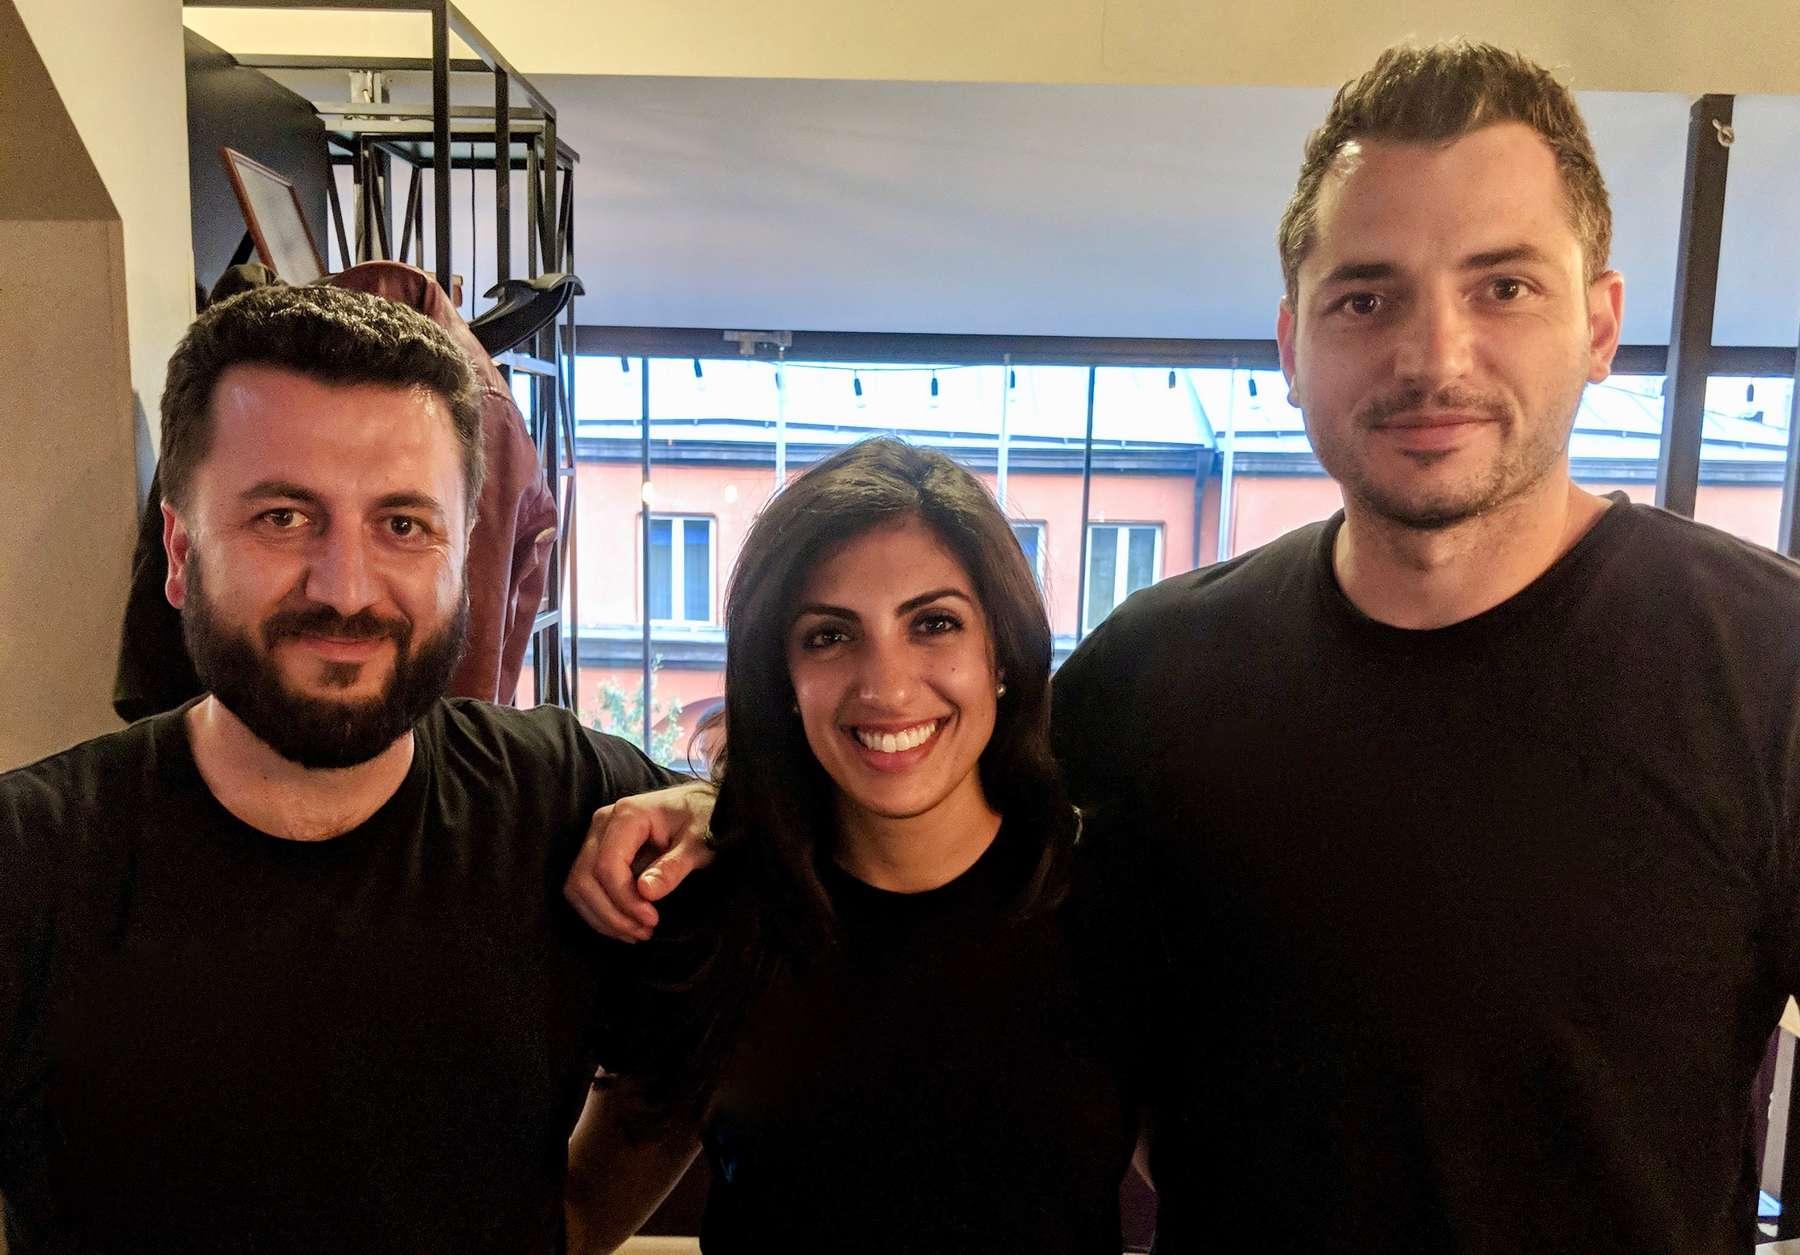 ServiceTitan's co-founders Vahe Kuzoyan and Ara Mahdessian with Index's Nina Achadjian